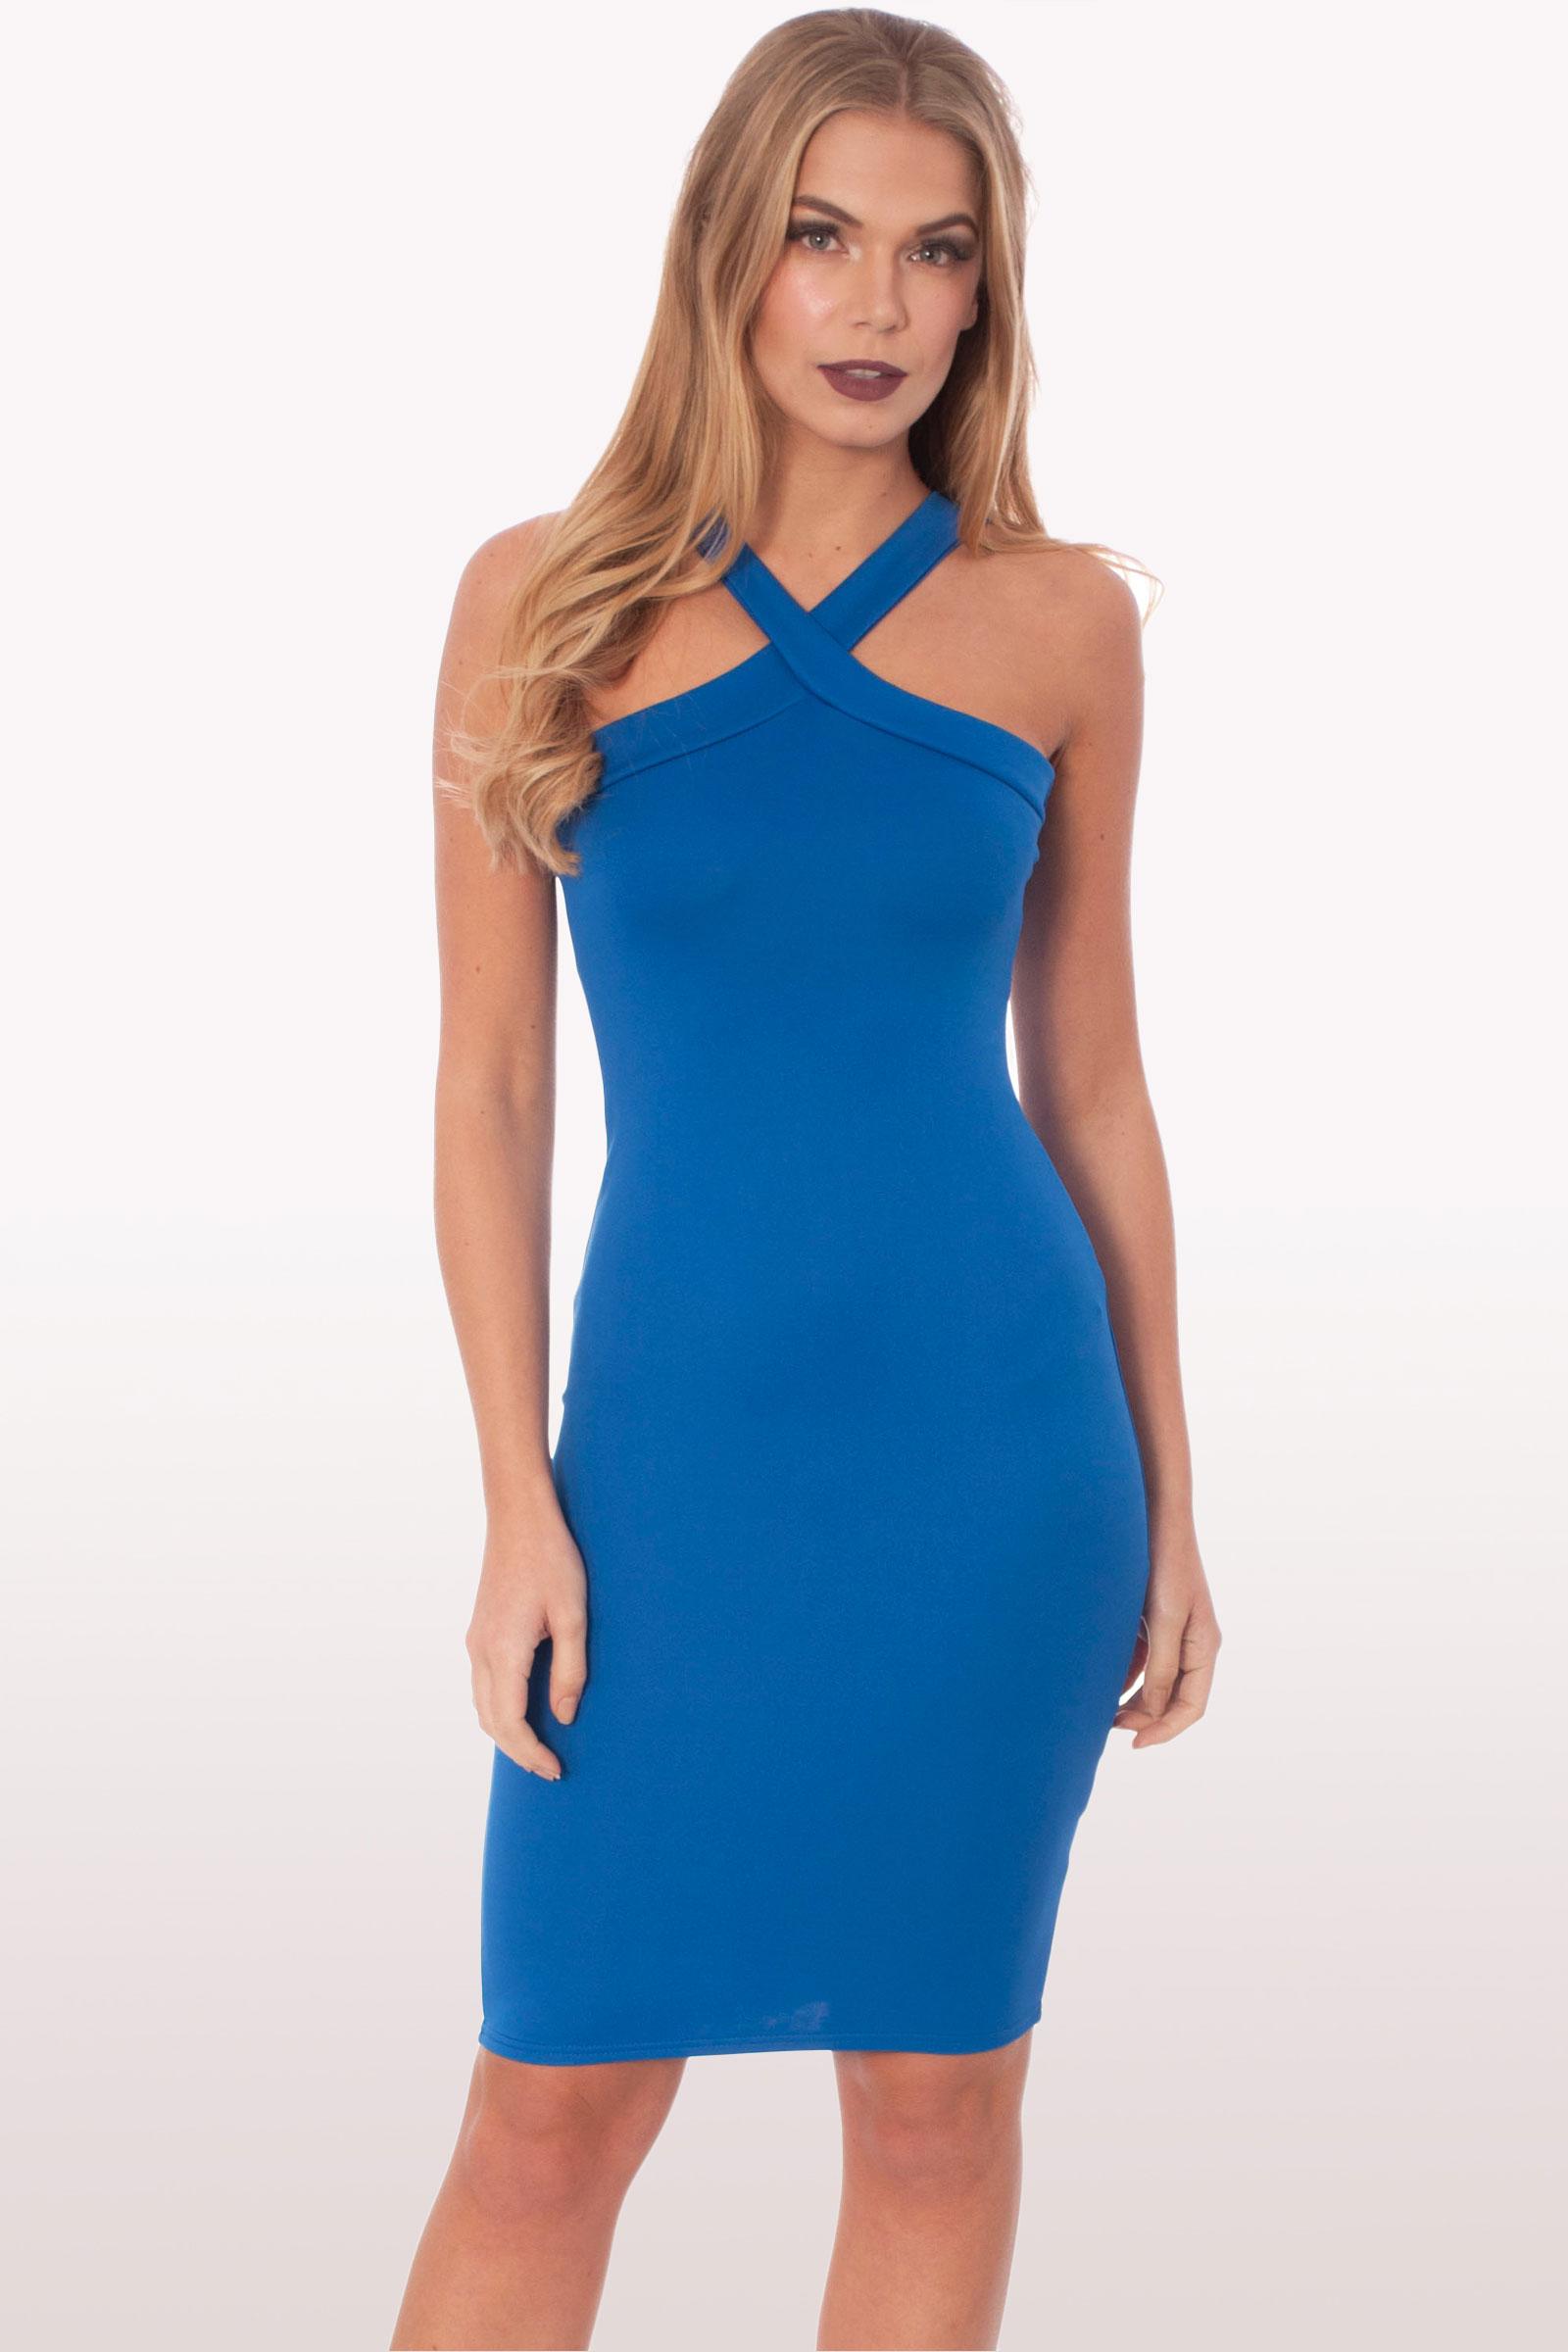 Blue bodycon dress uk wear